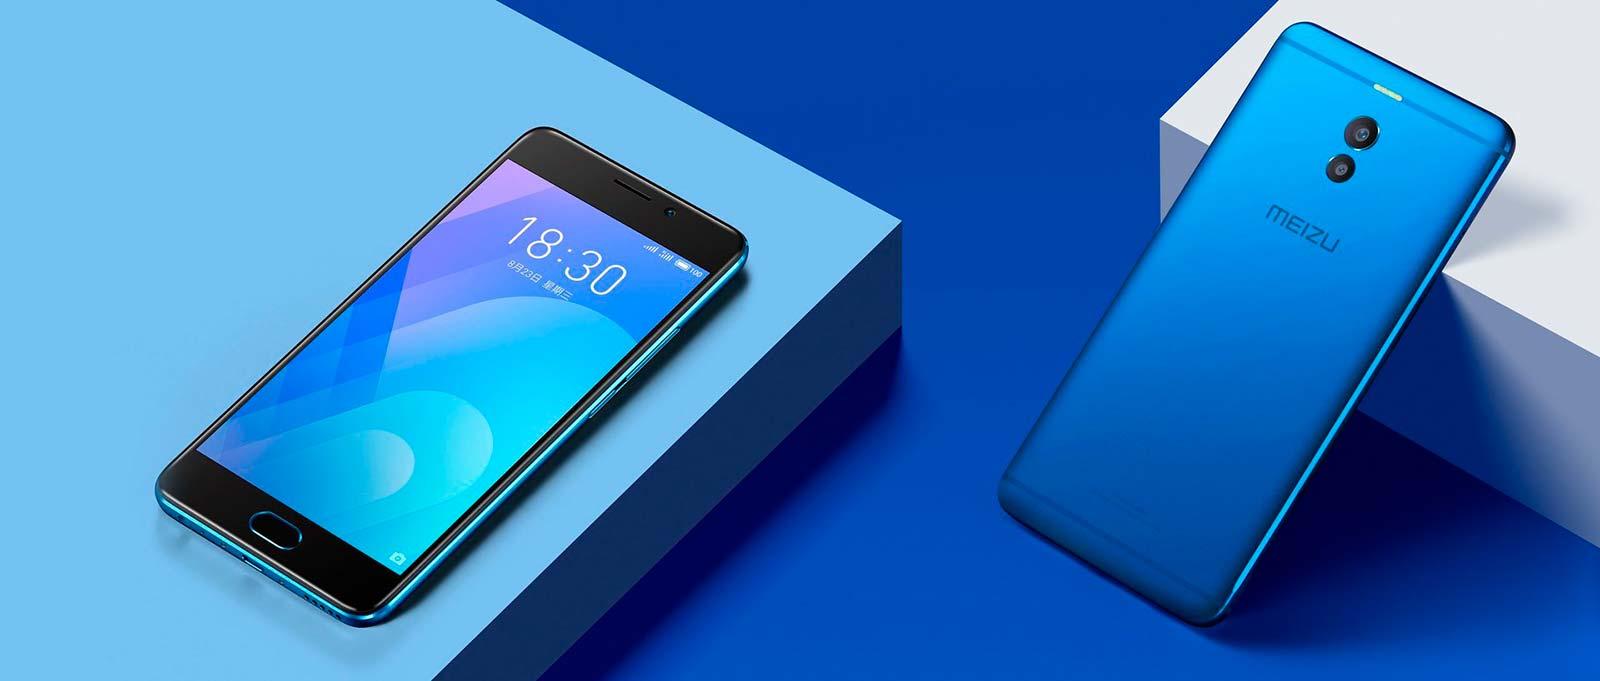 Новый фаблет Meizu N6 Note: цена на старте в Китае $165